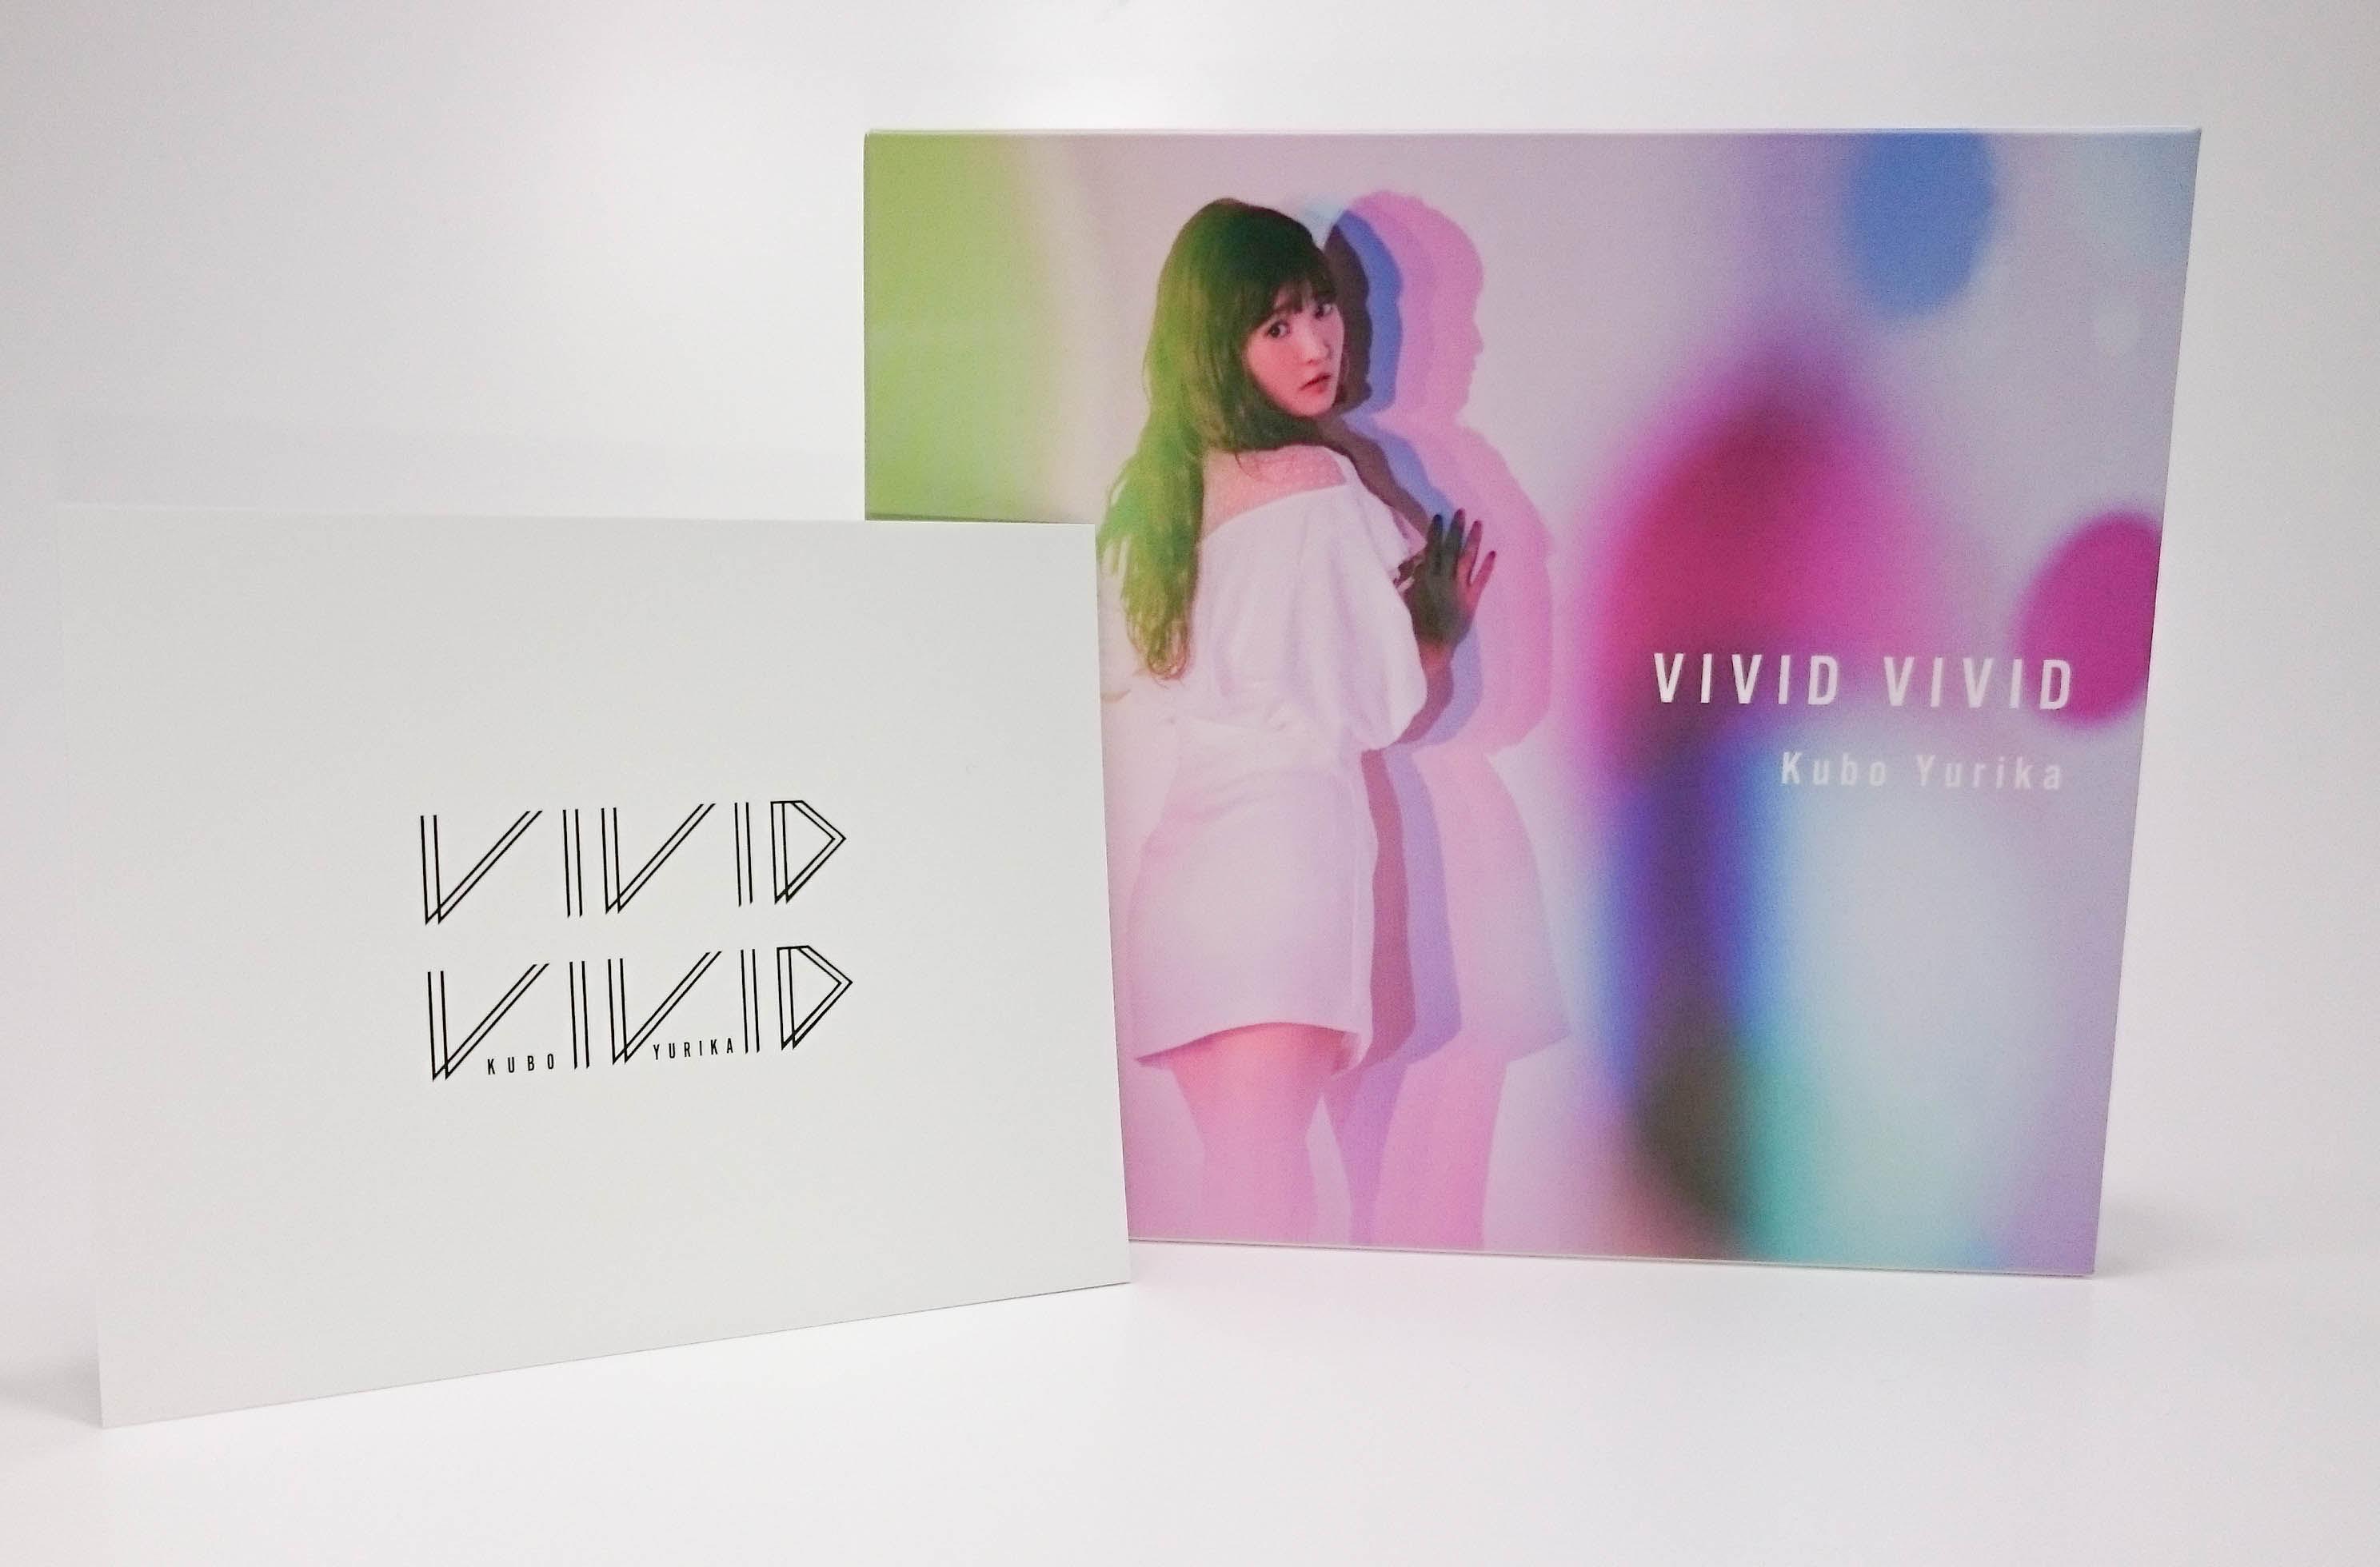 【レビュー】久保 ユリカ『VIVID VIVID』はセクシー&キュートな意欲作